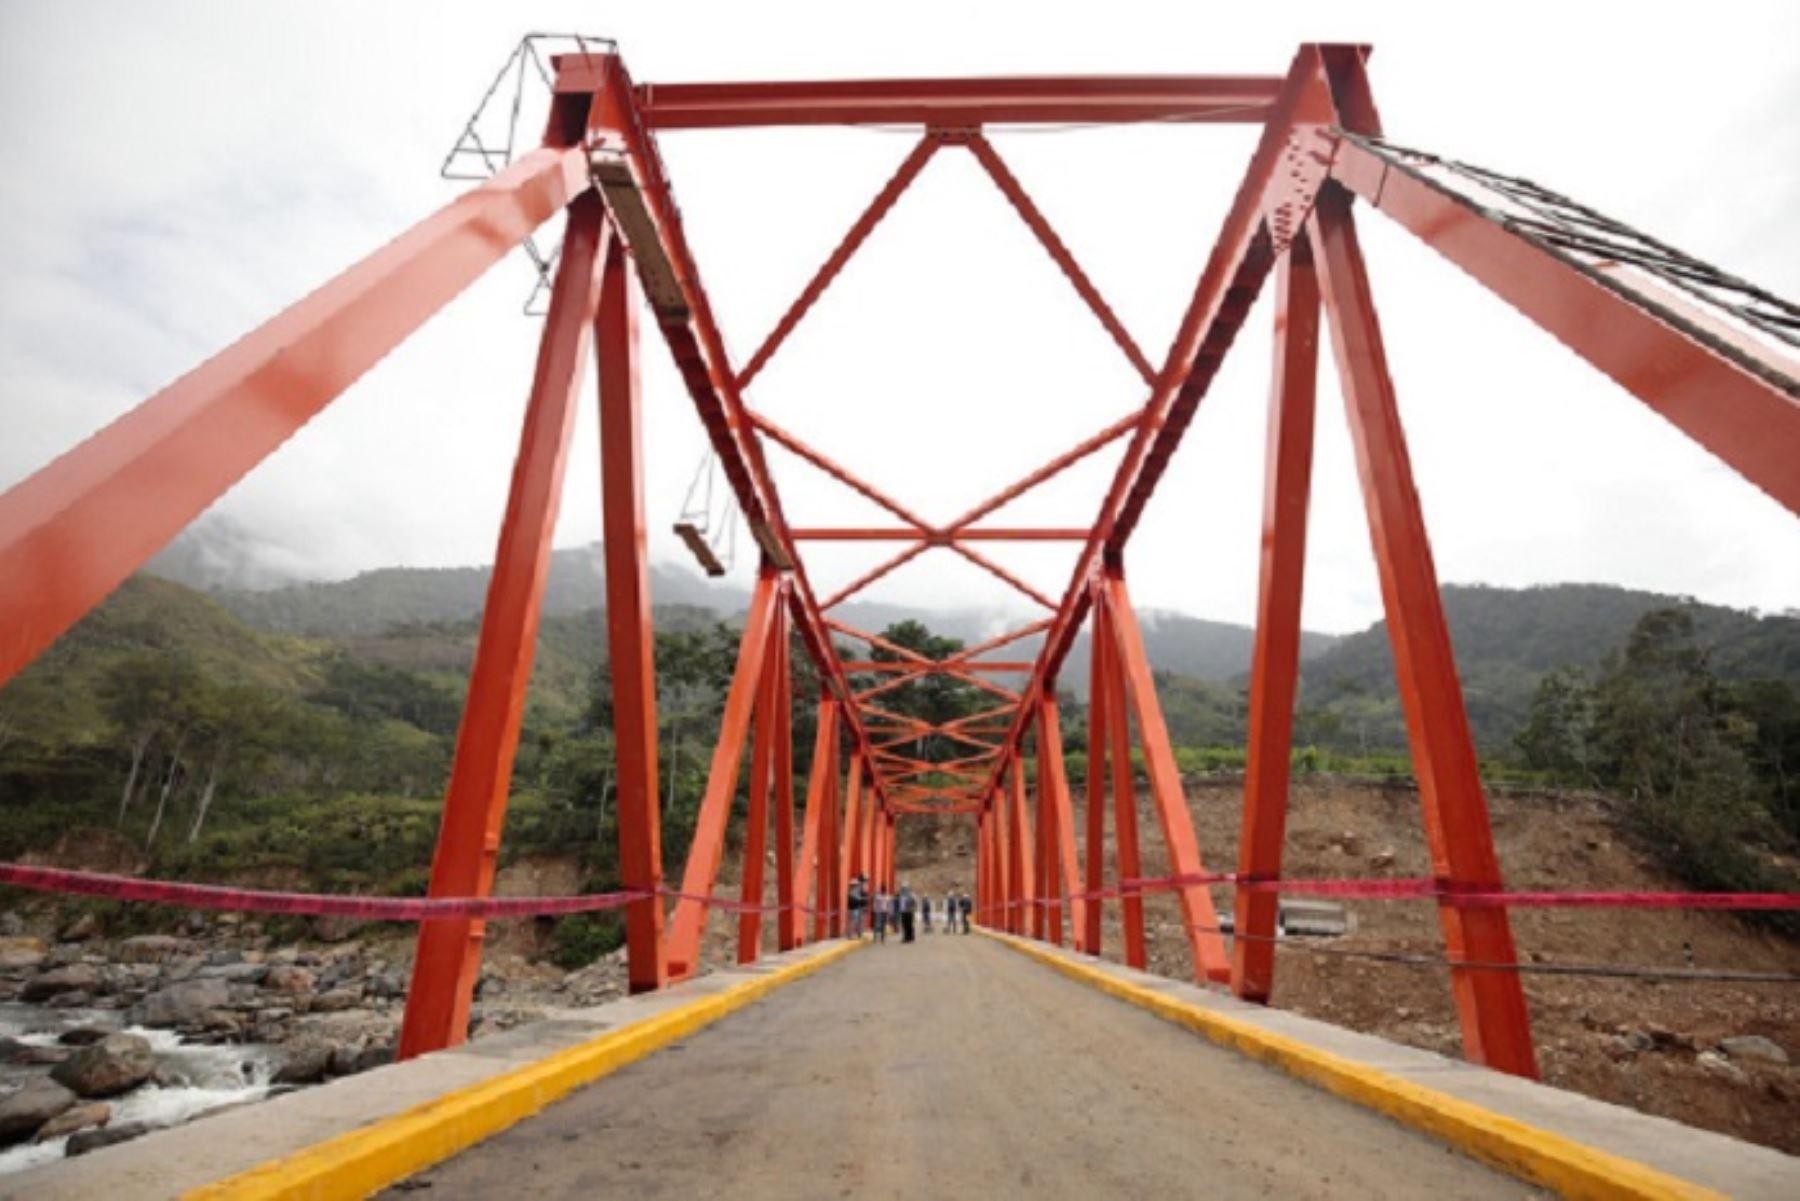 El Gobierno Regional de San Martín cuenta para el 2021 con un Presupuesto Institucional Modificado (PIM) de 231 millones 587 mil 860 soles, de los cuales de enero a junio se han destinado 106 millones 521 mil 69 soles para la ejecución de proyectos de inversión en diversos ámbitos.